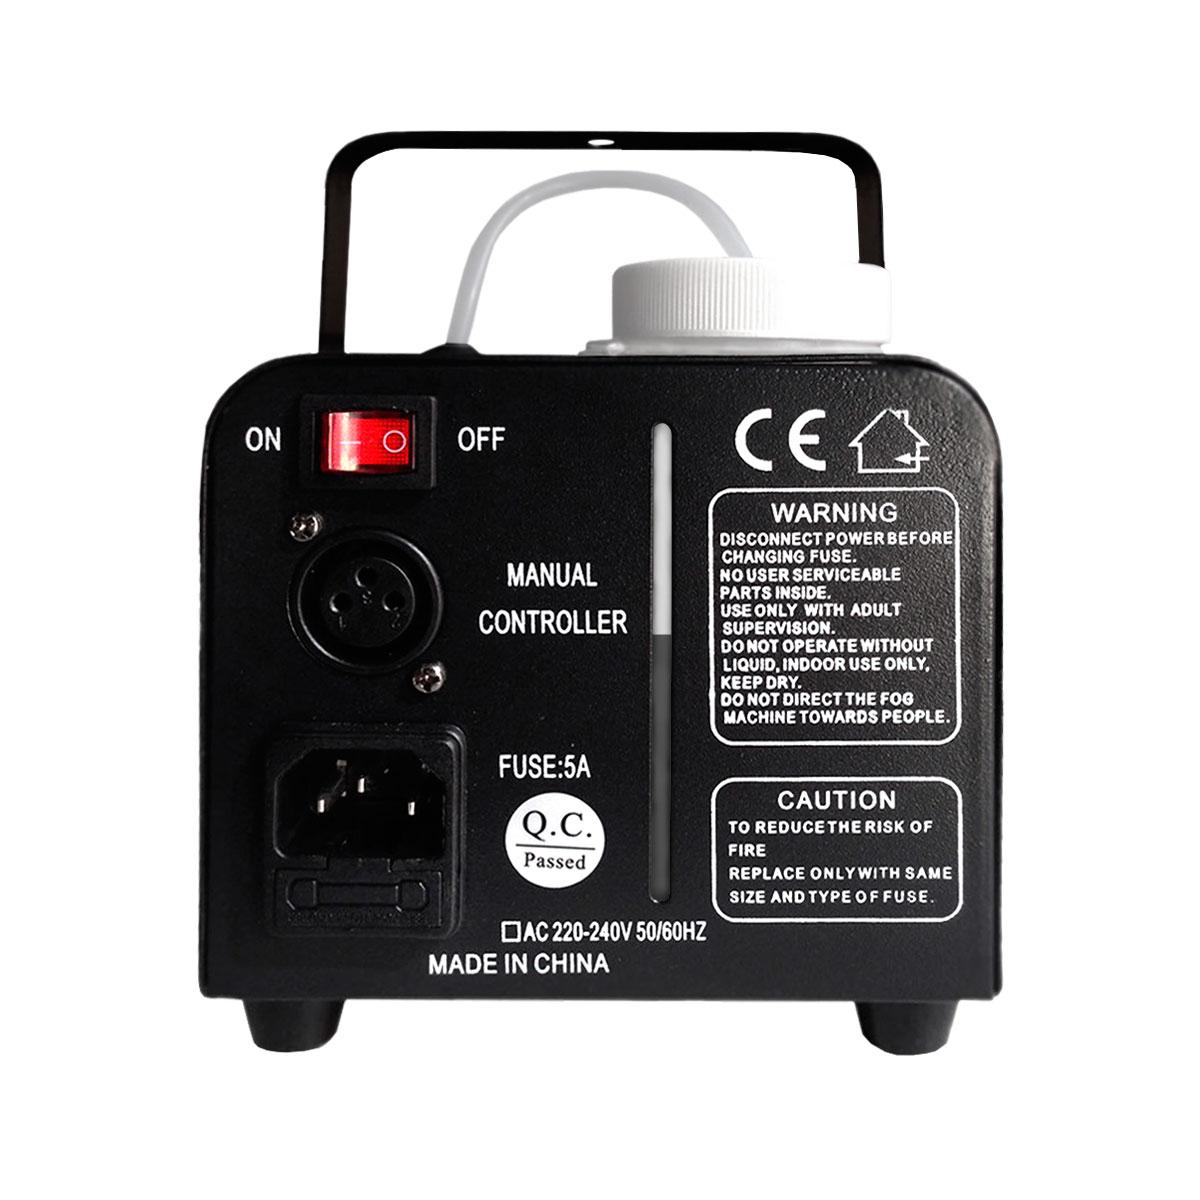 HI609 - Máquina de Fumaça 400W 220V c/ Controle Remoto HI 609 - Spectrum